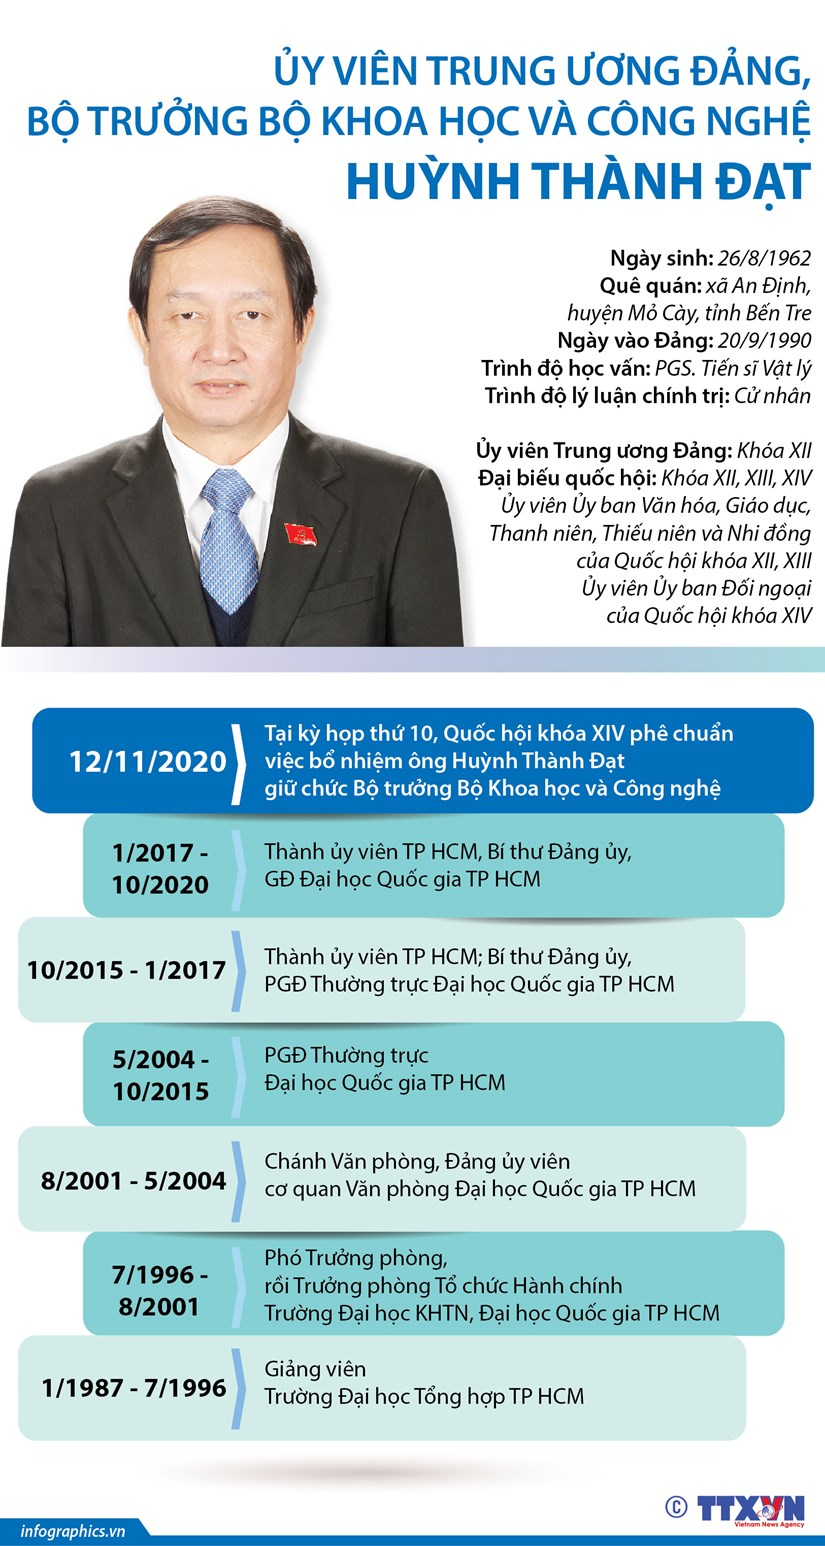 Qua trinh cong tac cua Bo truong Bo KH&CN Huynh Thanh Dat hinh anh 1